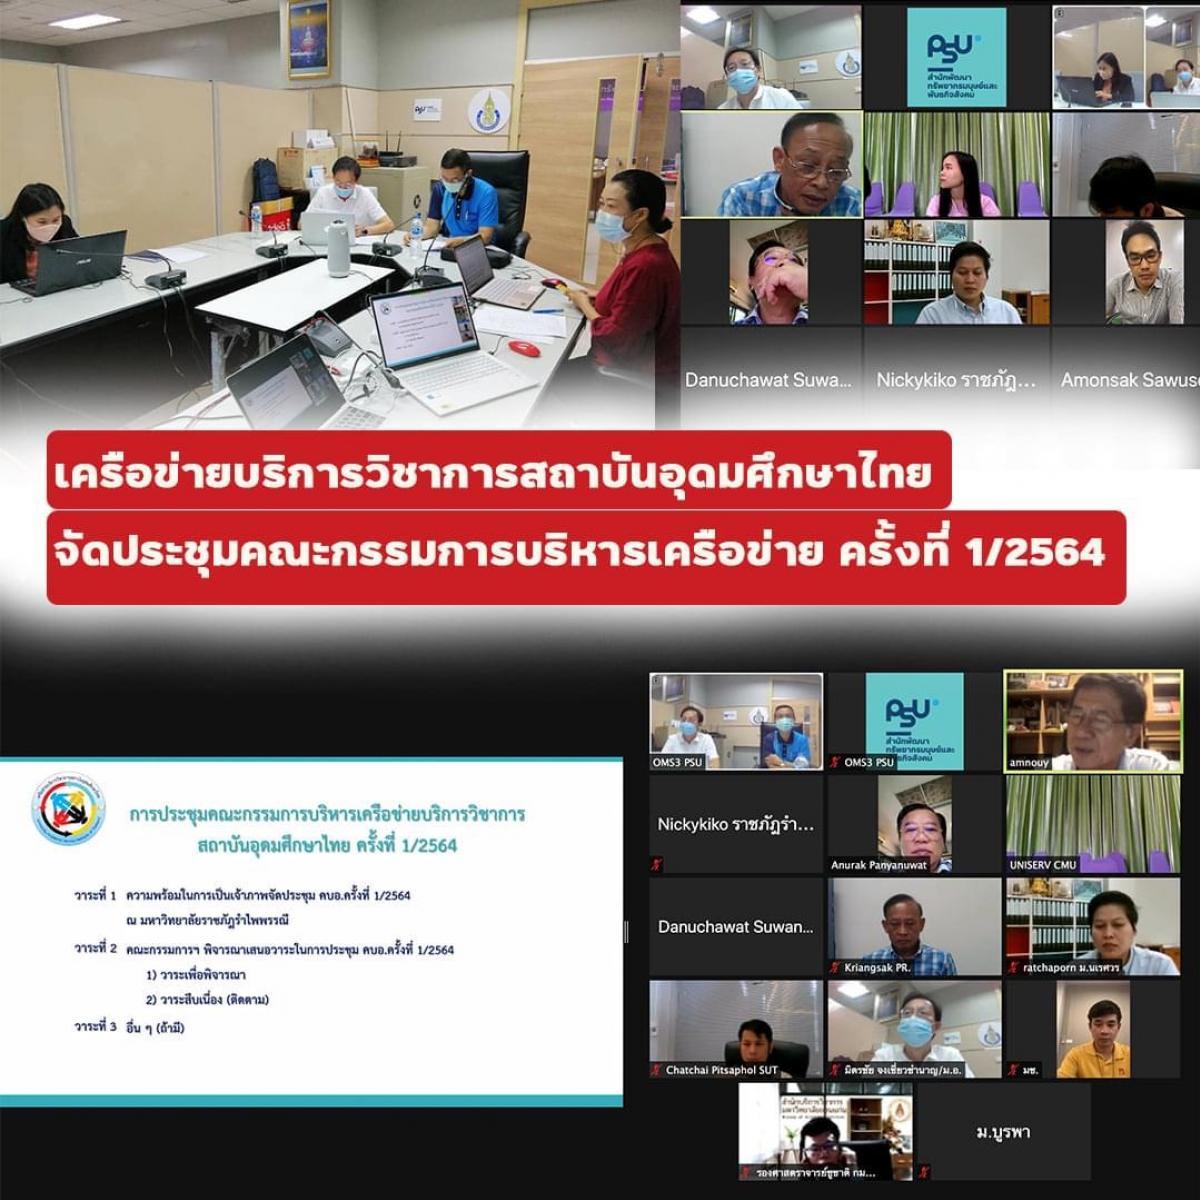 ประชุมคณะกรรมการบริหารเครือข่าย ครั้งที่ 1/2564 ผ่านระบบ conference program ZOOM